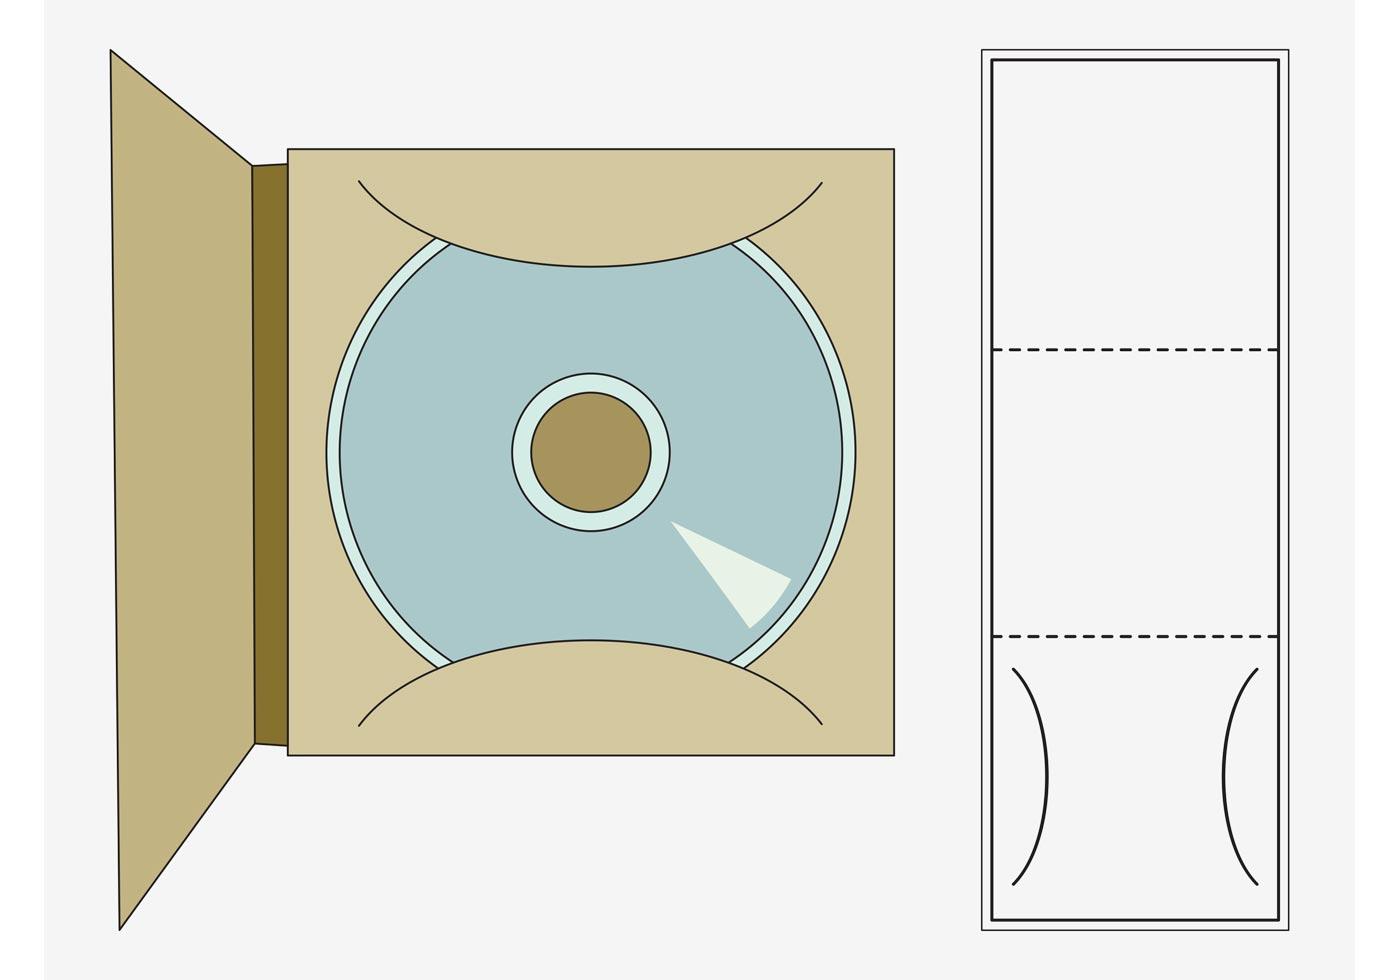 Plantilla de CD - Descargue Gráficos y Vectores Gratis